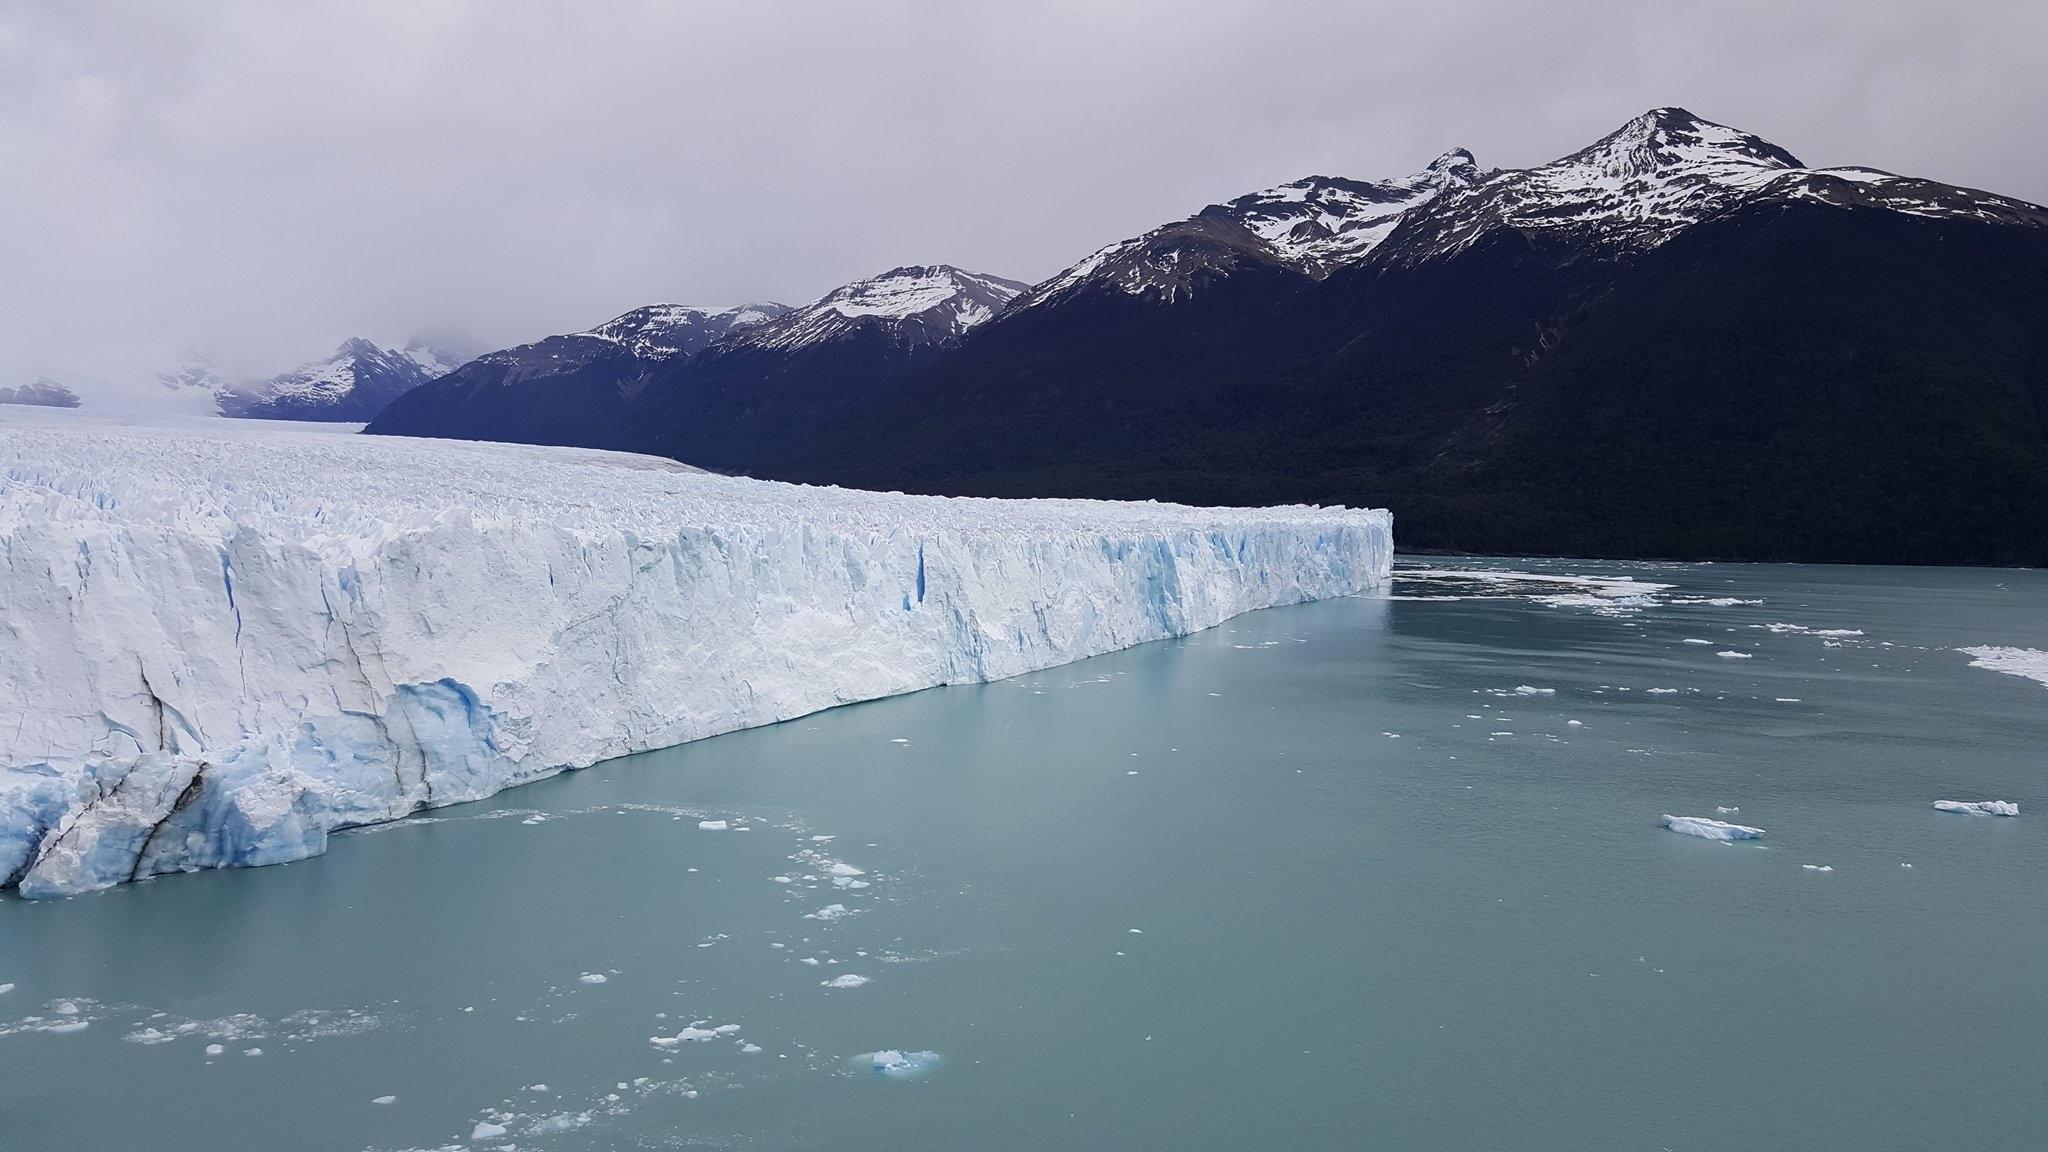 Southern side of Perito Moreno glacier